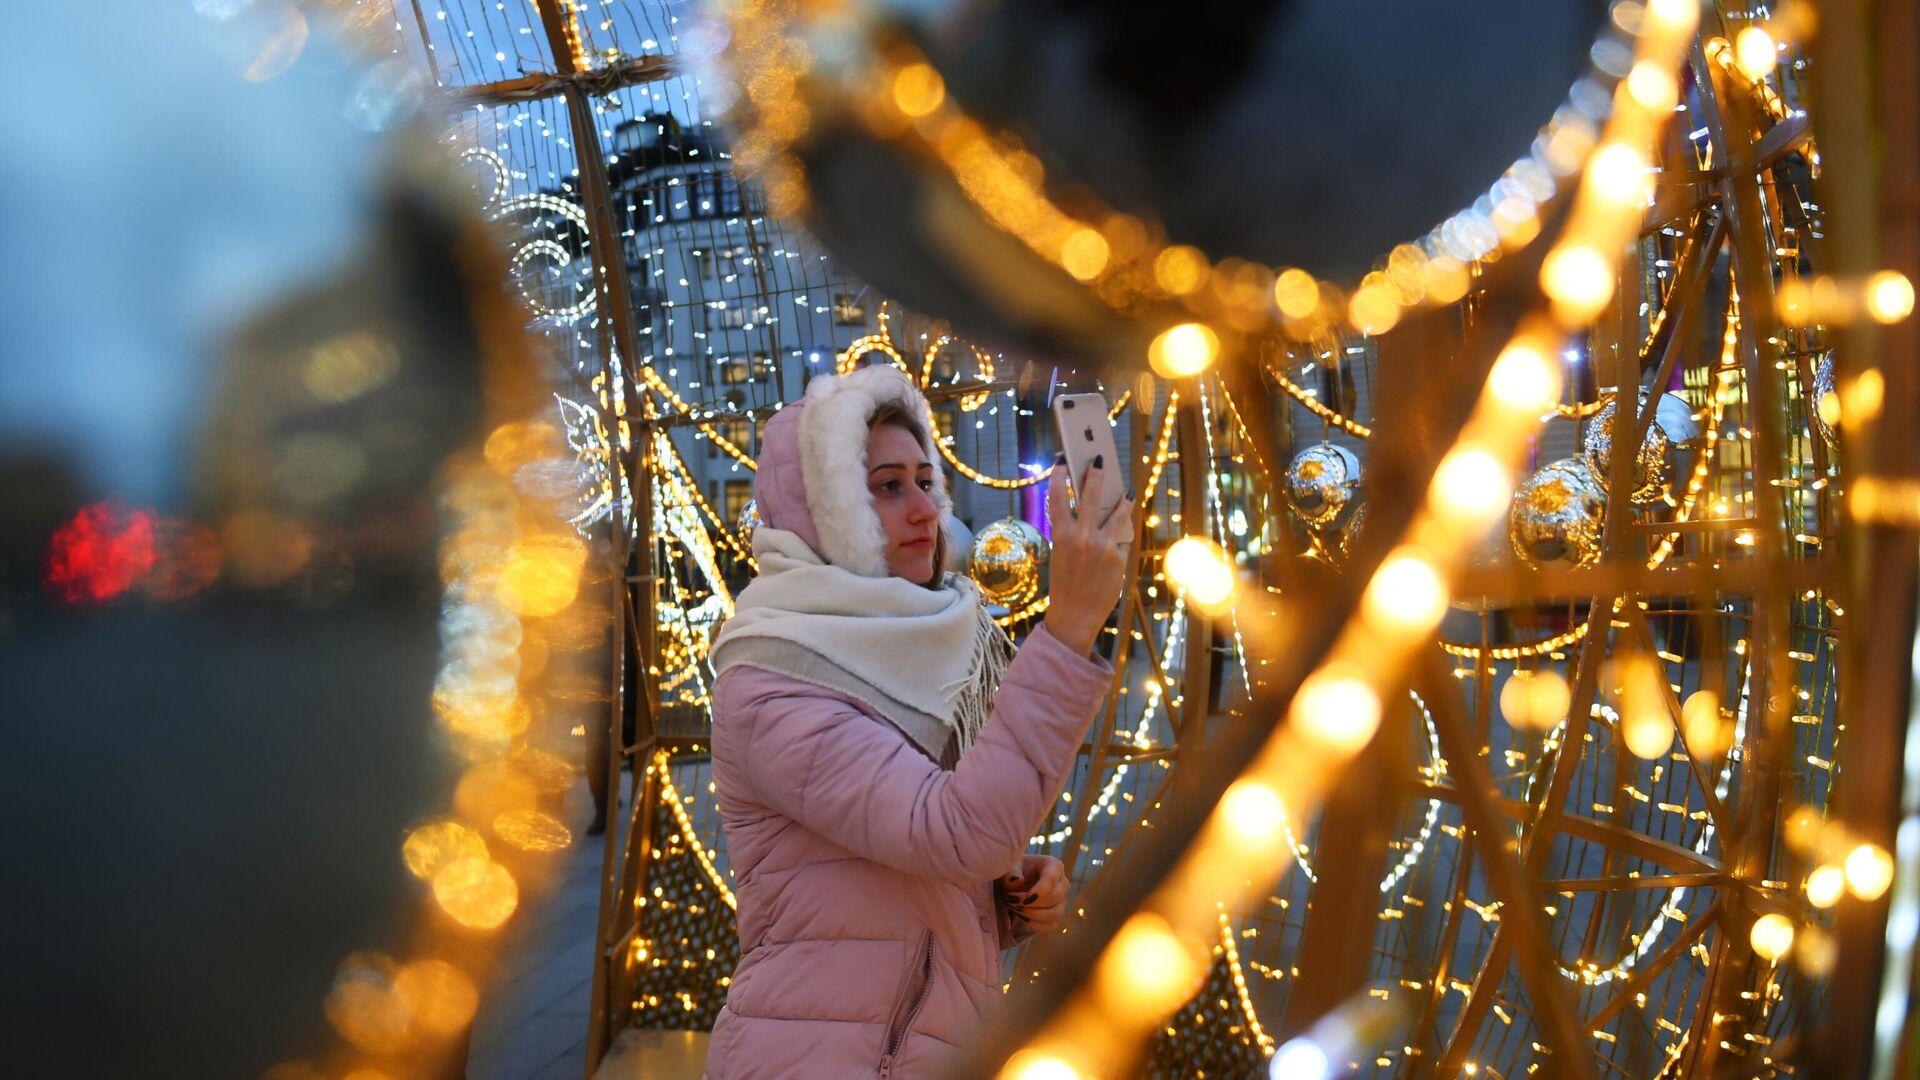 Новогоднее украшение центральных площадей и улиц Москвы - РИА Новости, 1920, 09.09.2020